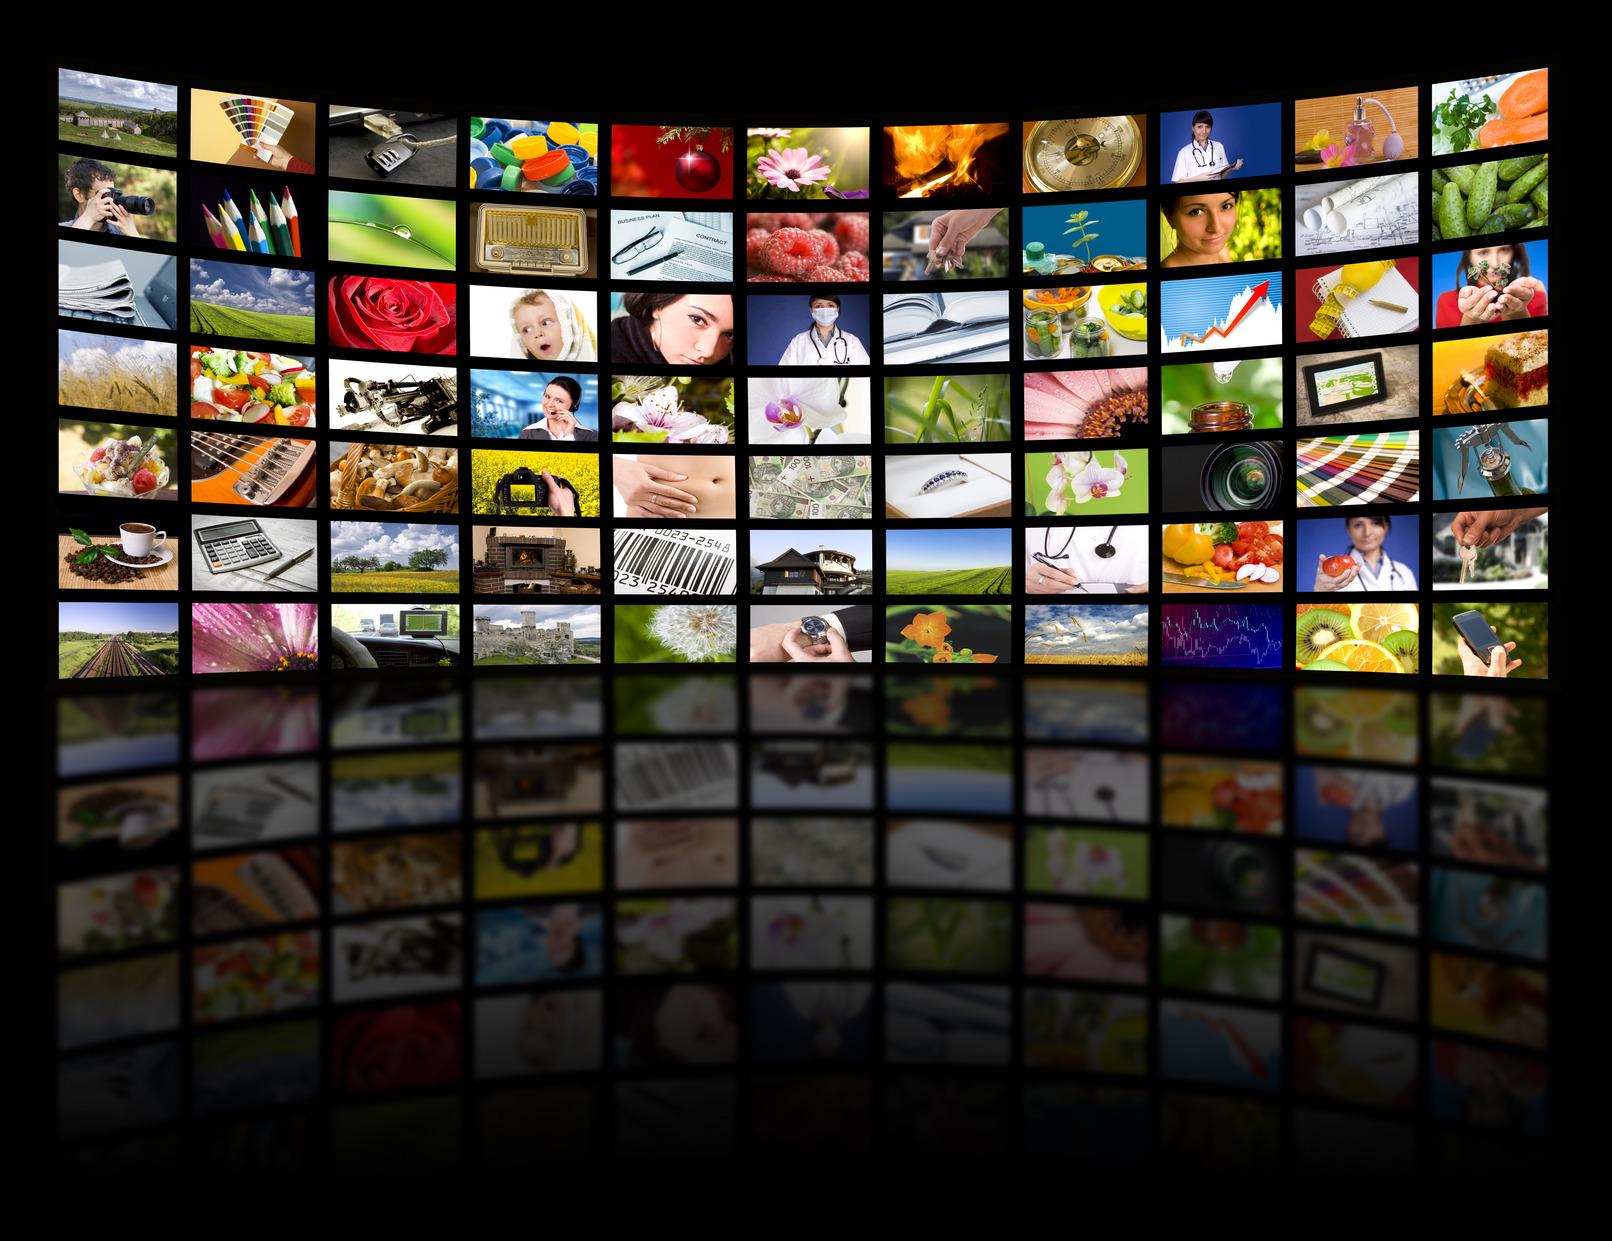 Интернет телевидение порно фильмов